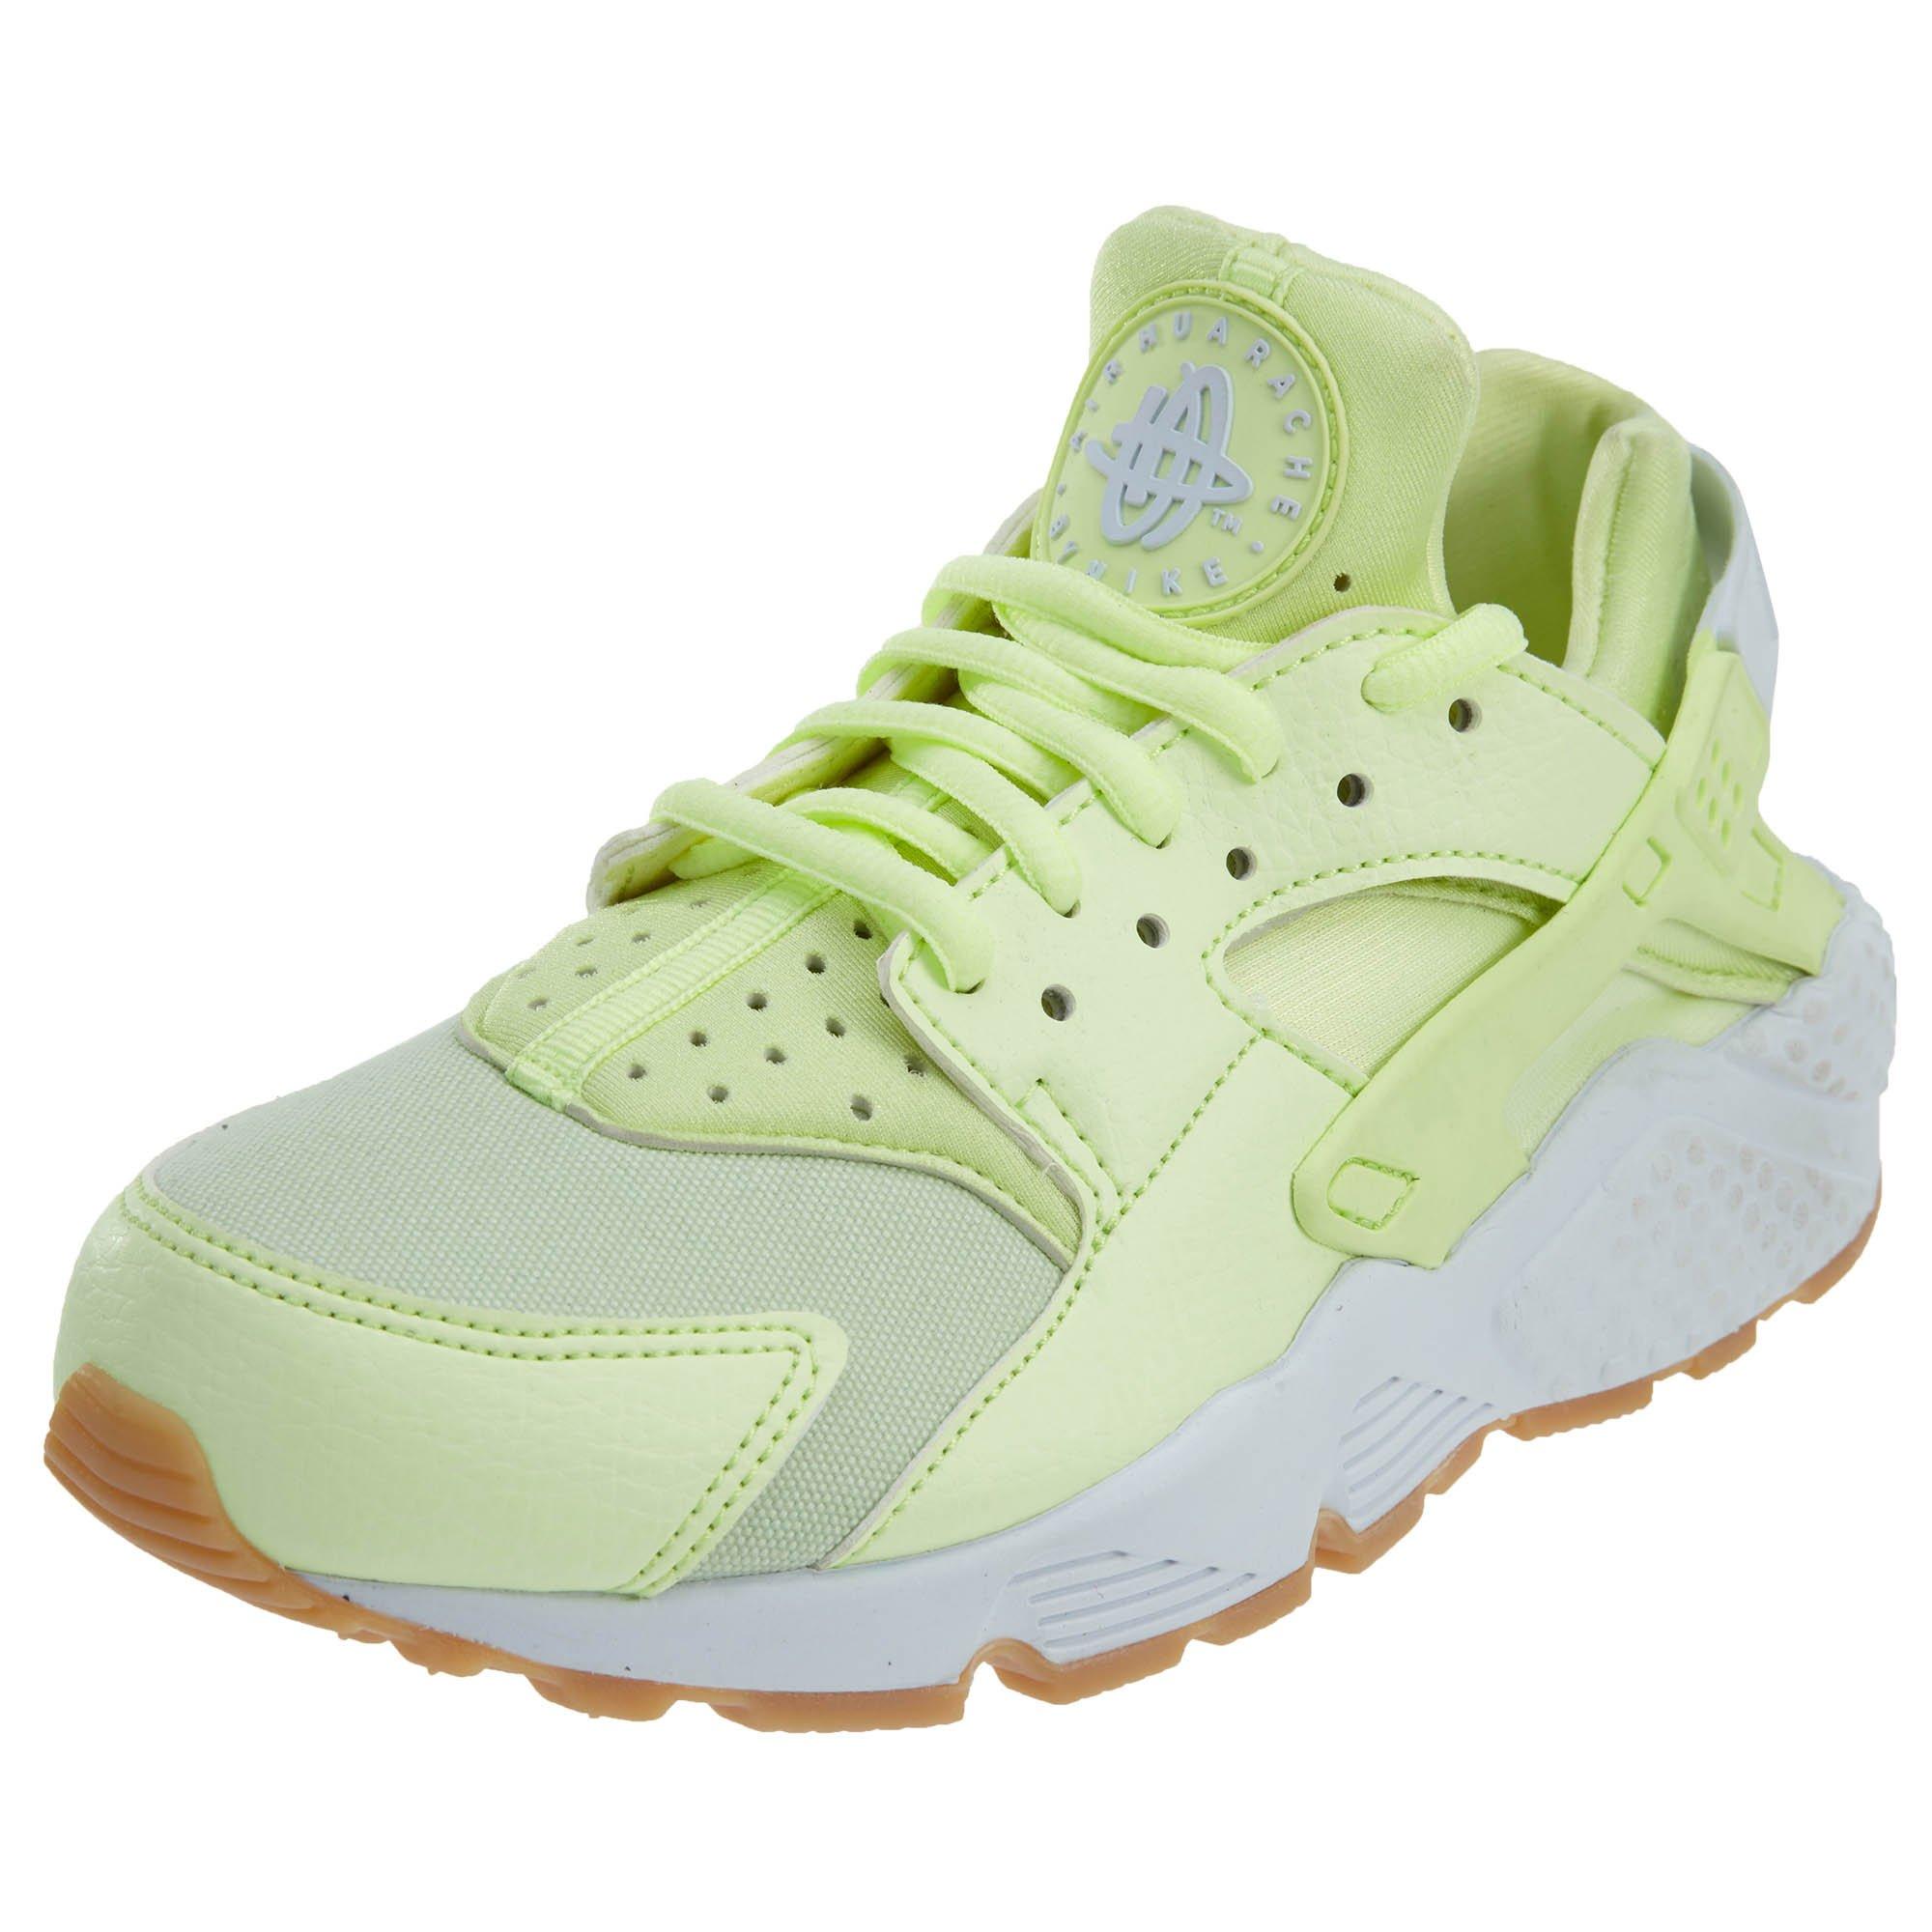 Nike Air Huarache Run Womens Style: 634835-702 Size: 11.5